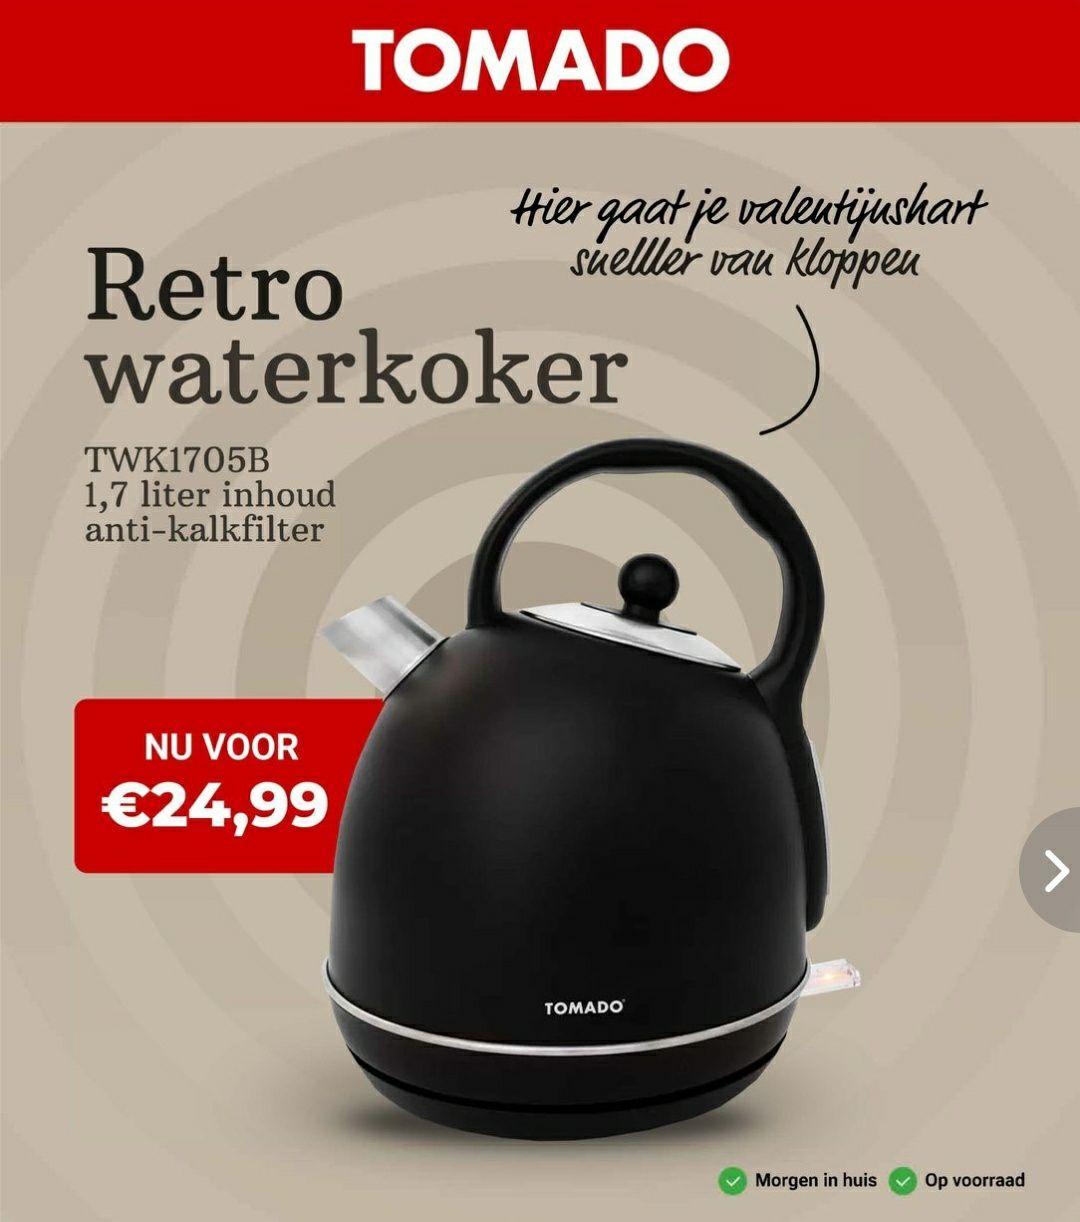 Tomado.com - Mooie retro waterkoker van €31,75 voor €24,99, gratis verzending & retourneren